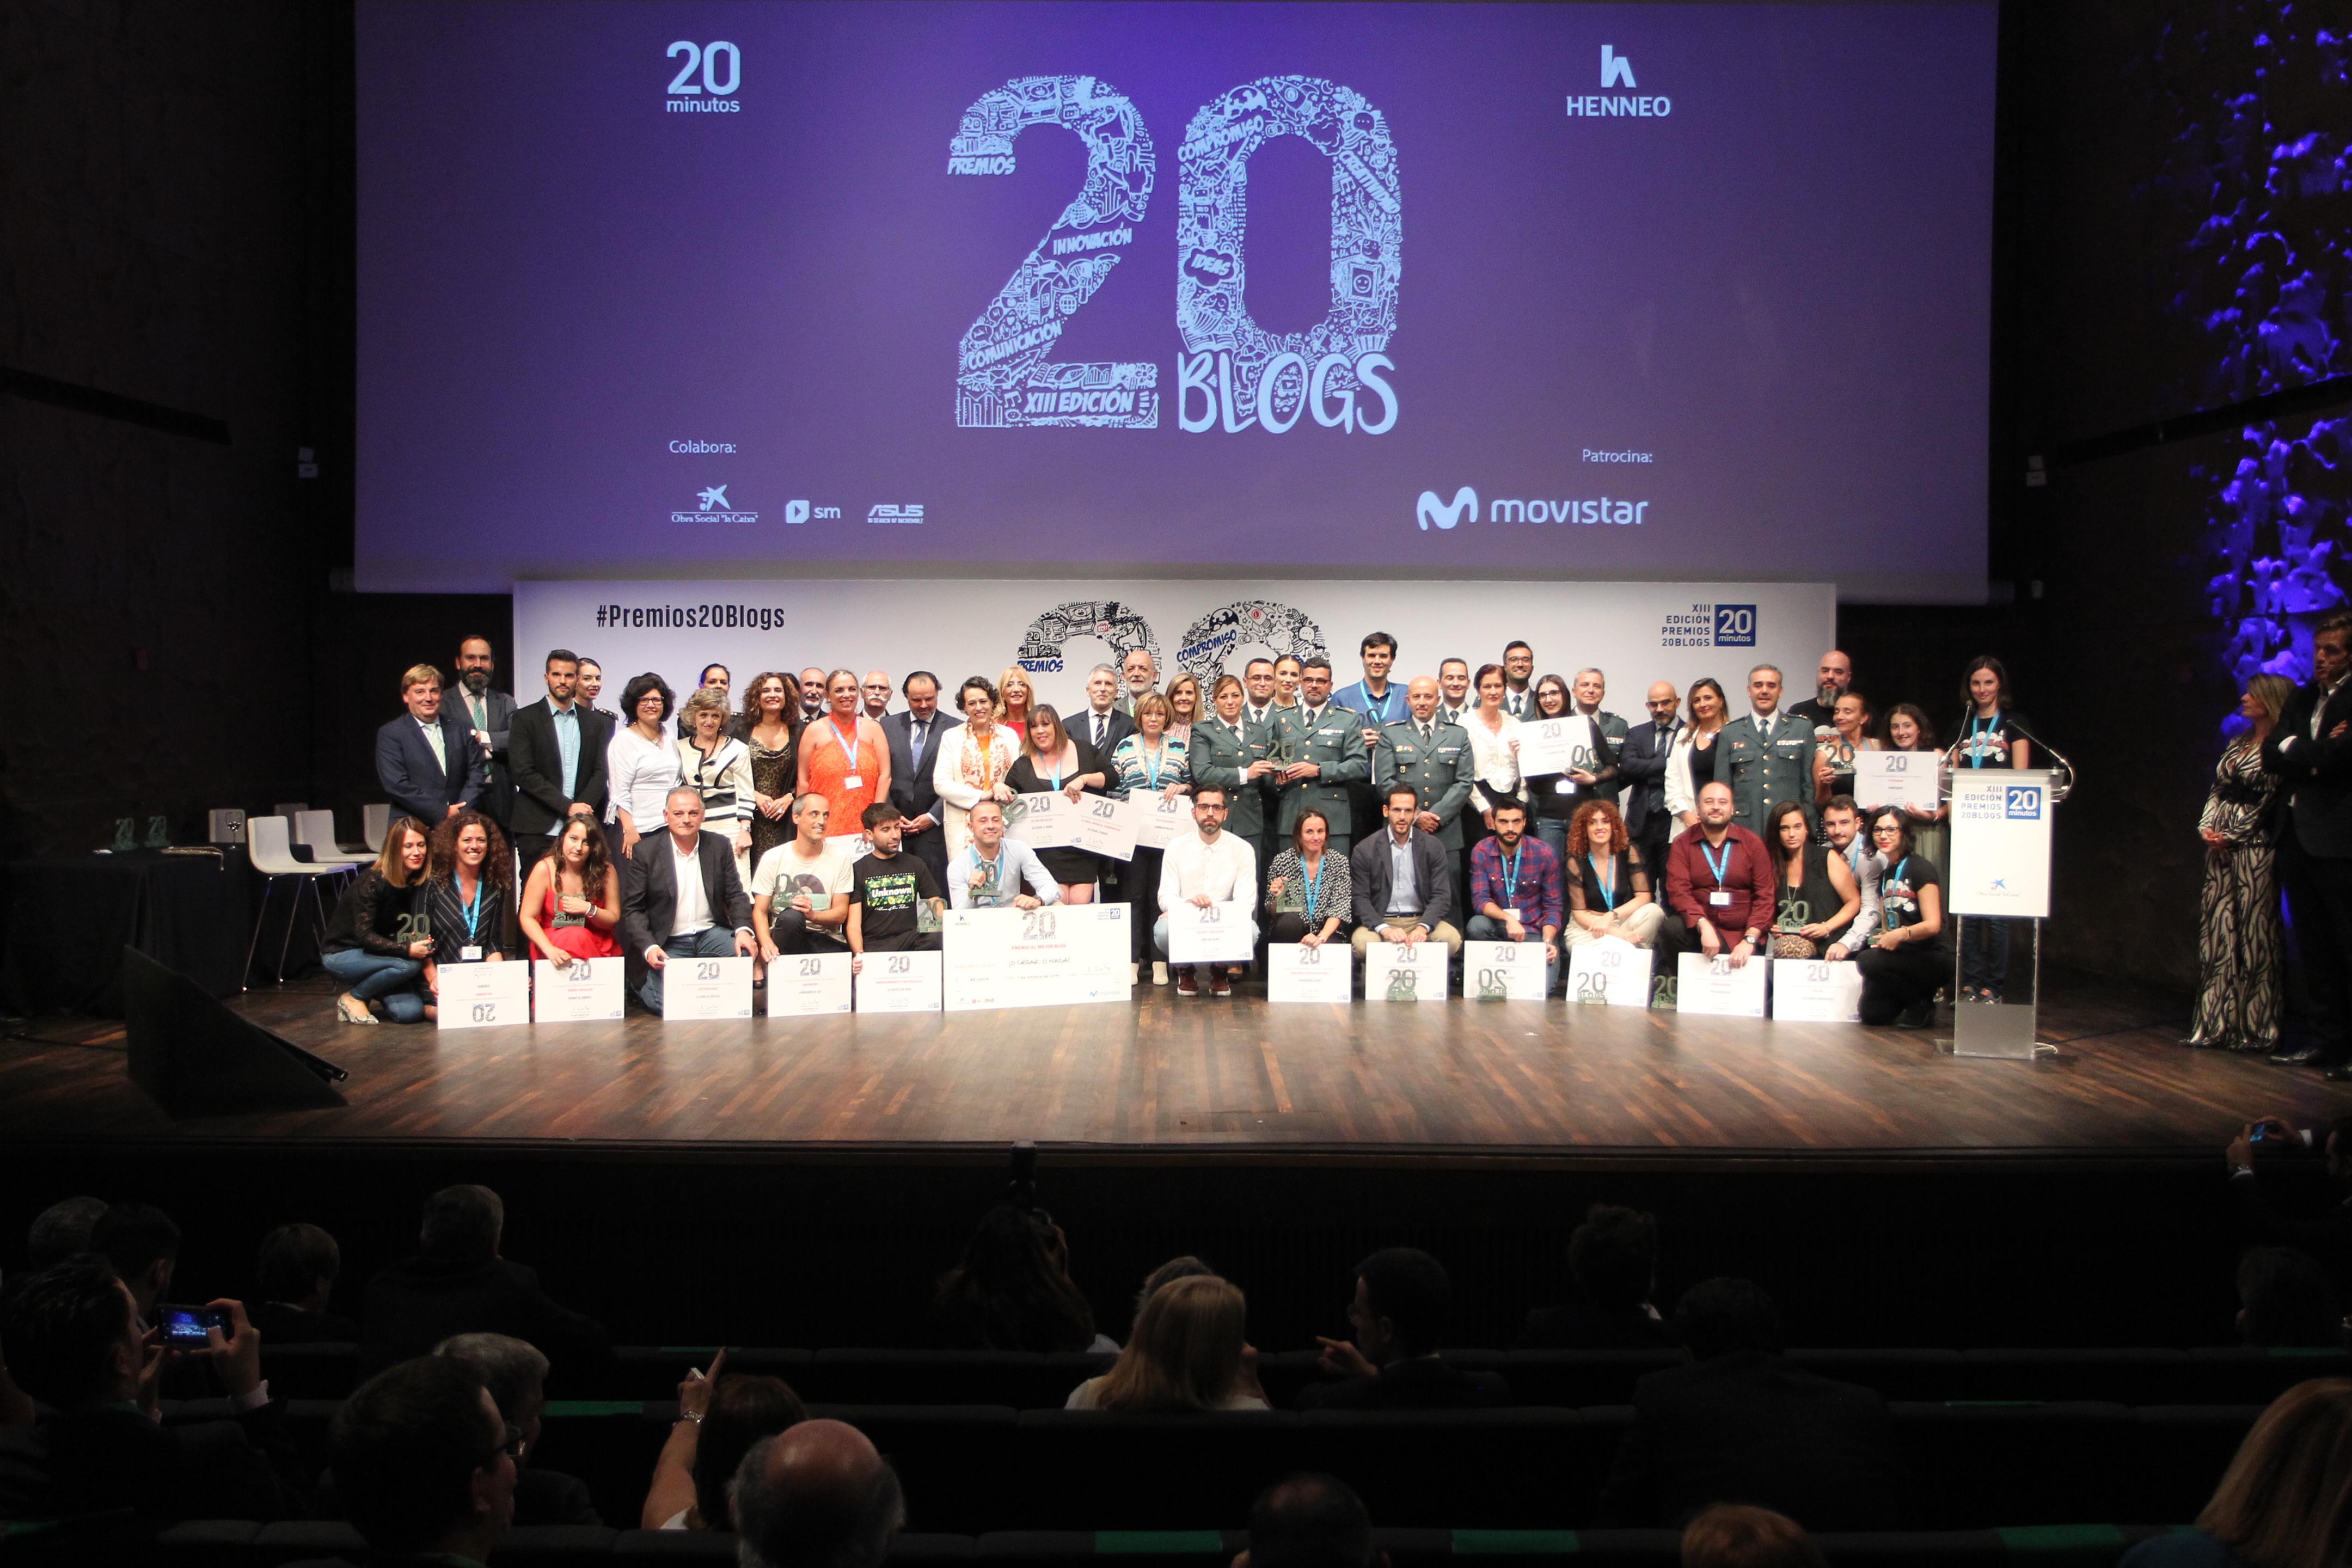 Rocío Palomo y Criando 24/7 representando a Hemiweb junto al resto de los galardonados de los Premios 20 blogs 2019 . Foto de Jorge París